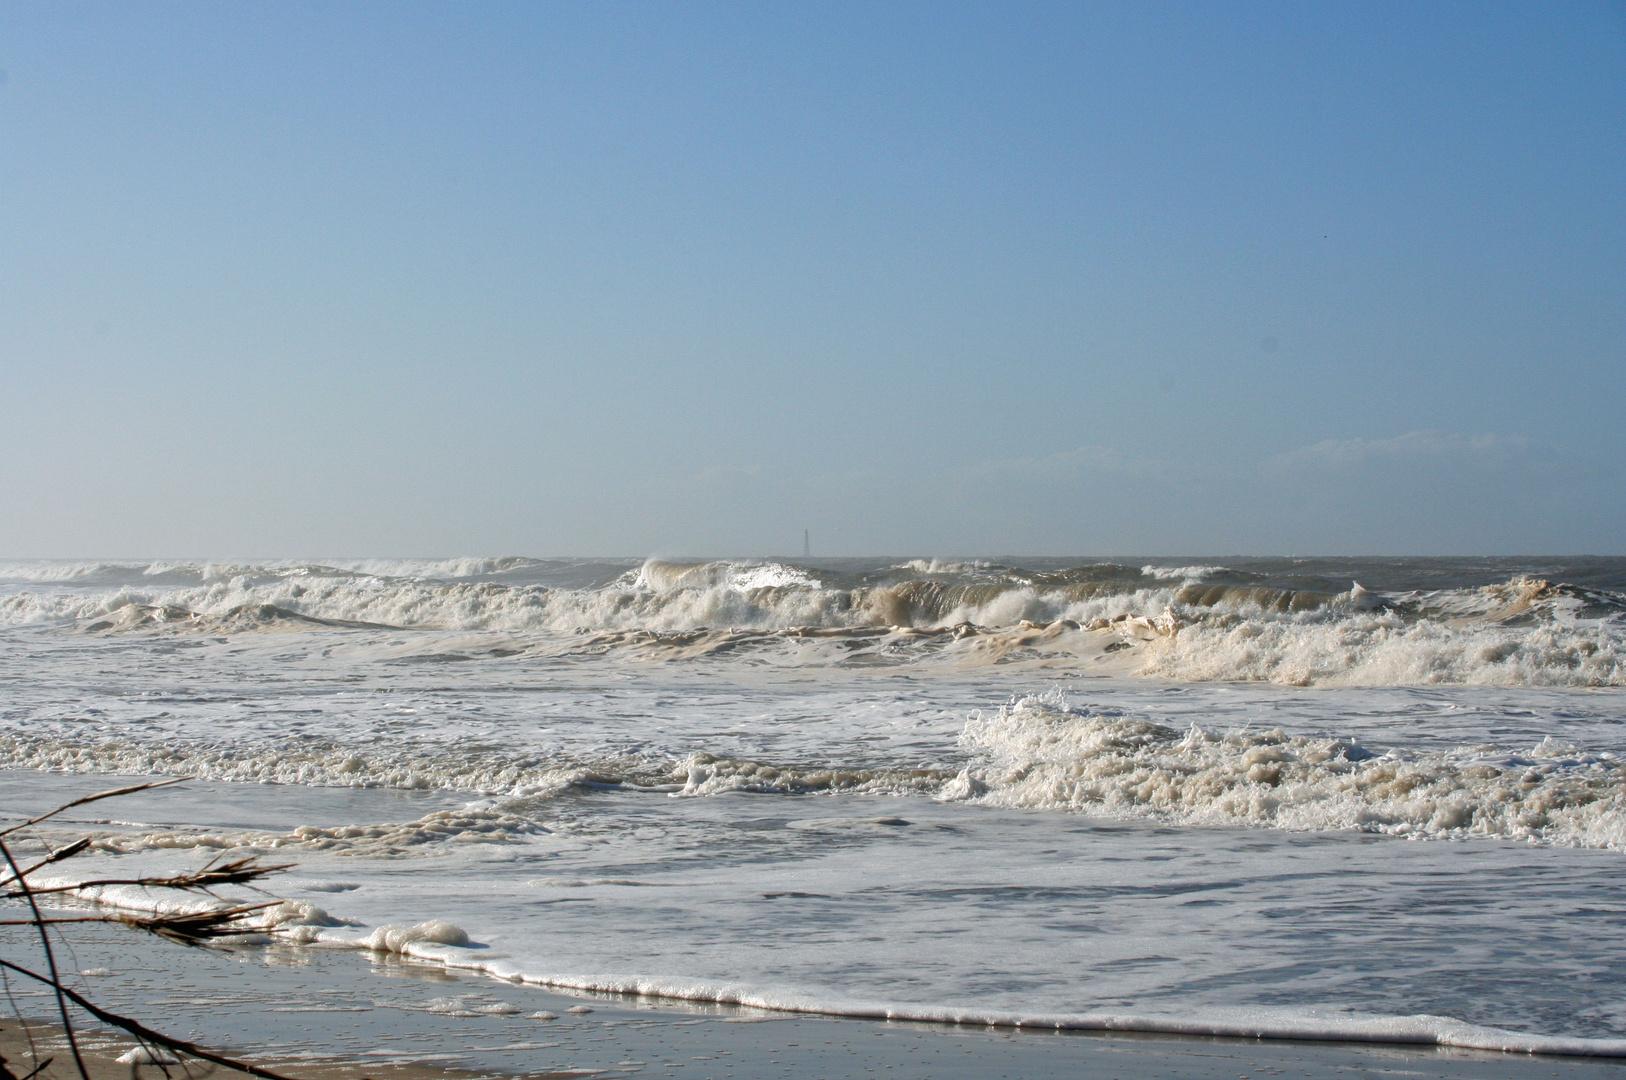 la tempête !!, le phare de cordouan est toujour debout